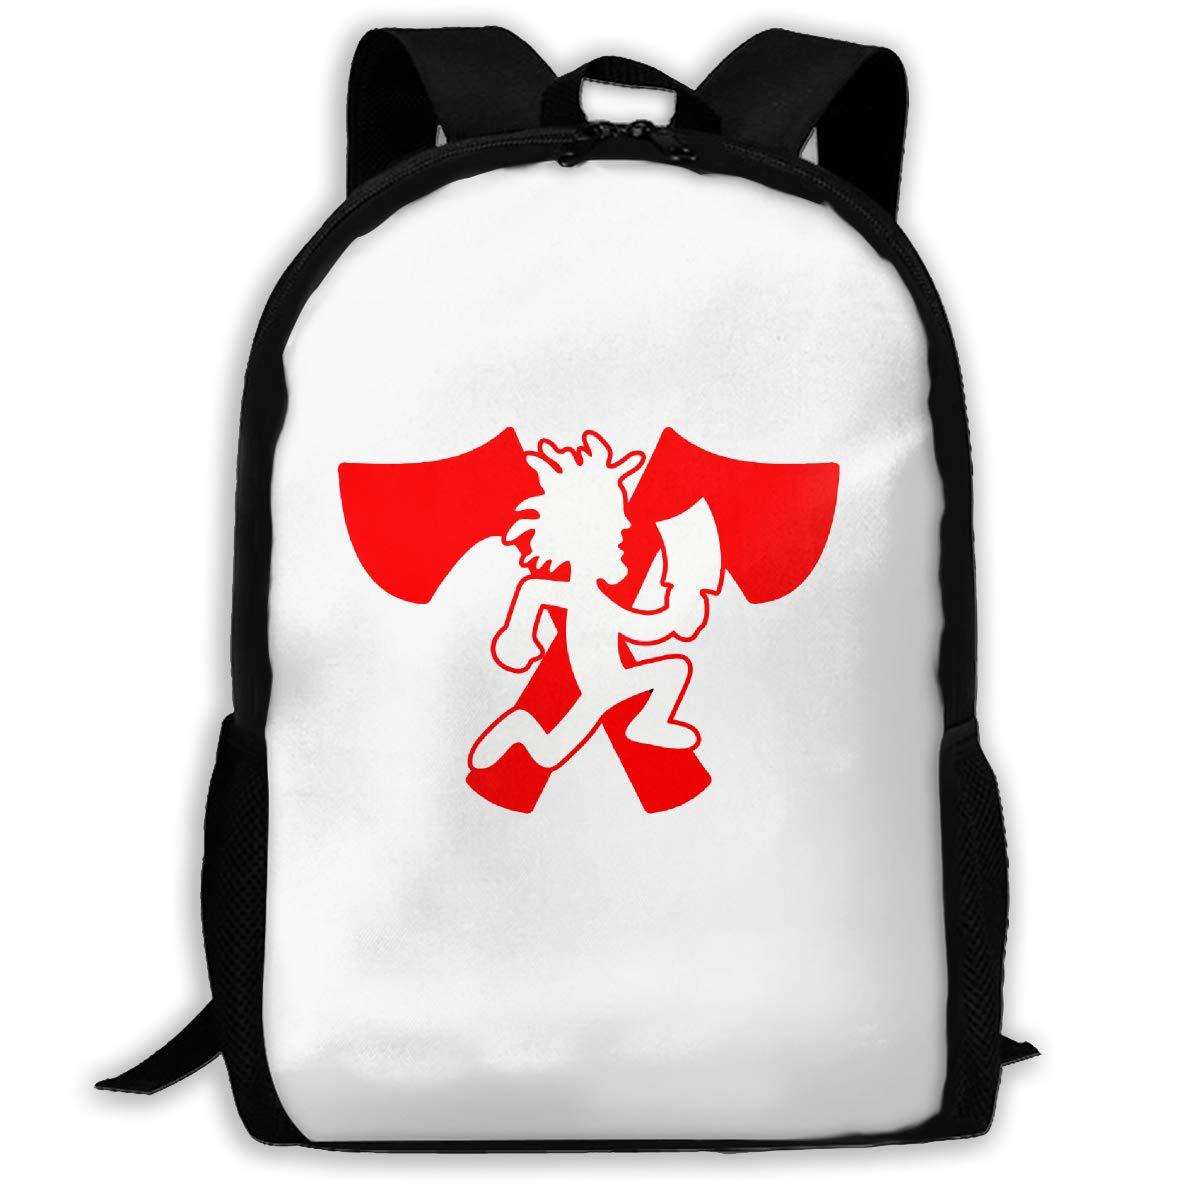 Amazon.com: Sunmoonet Backpack for Men Women,Ogbcom.